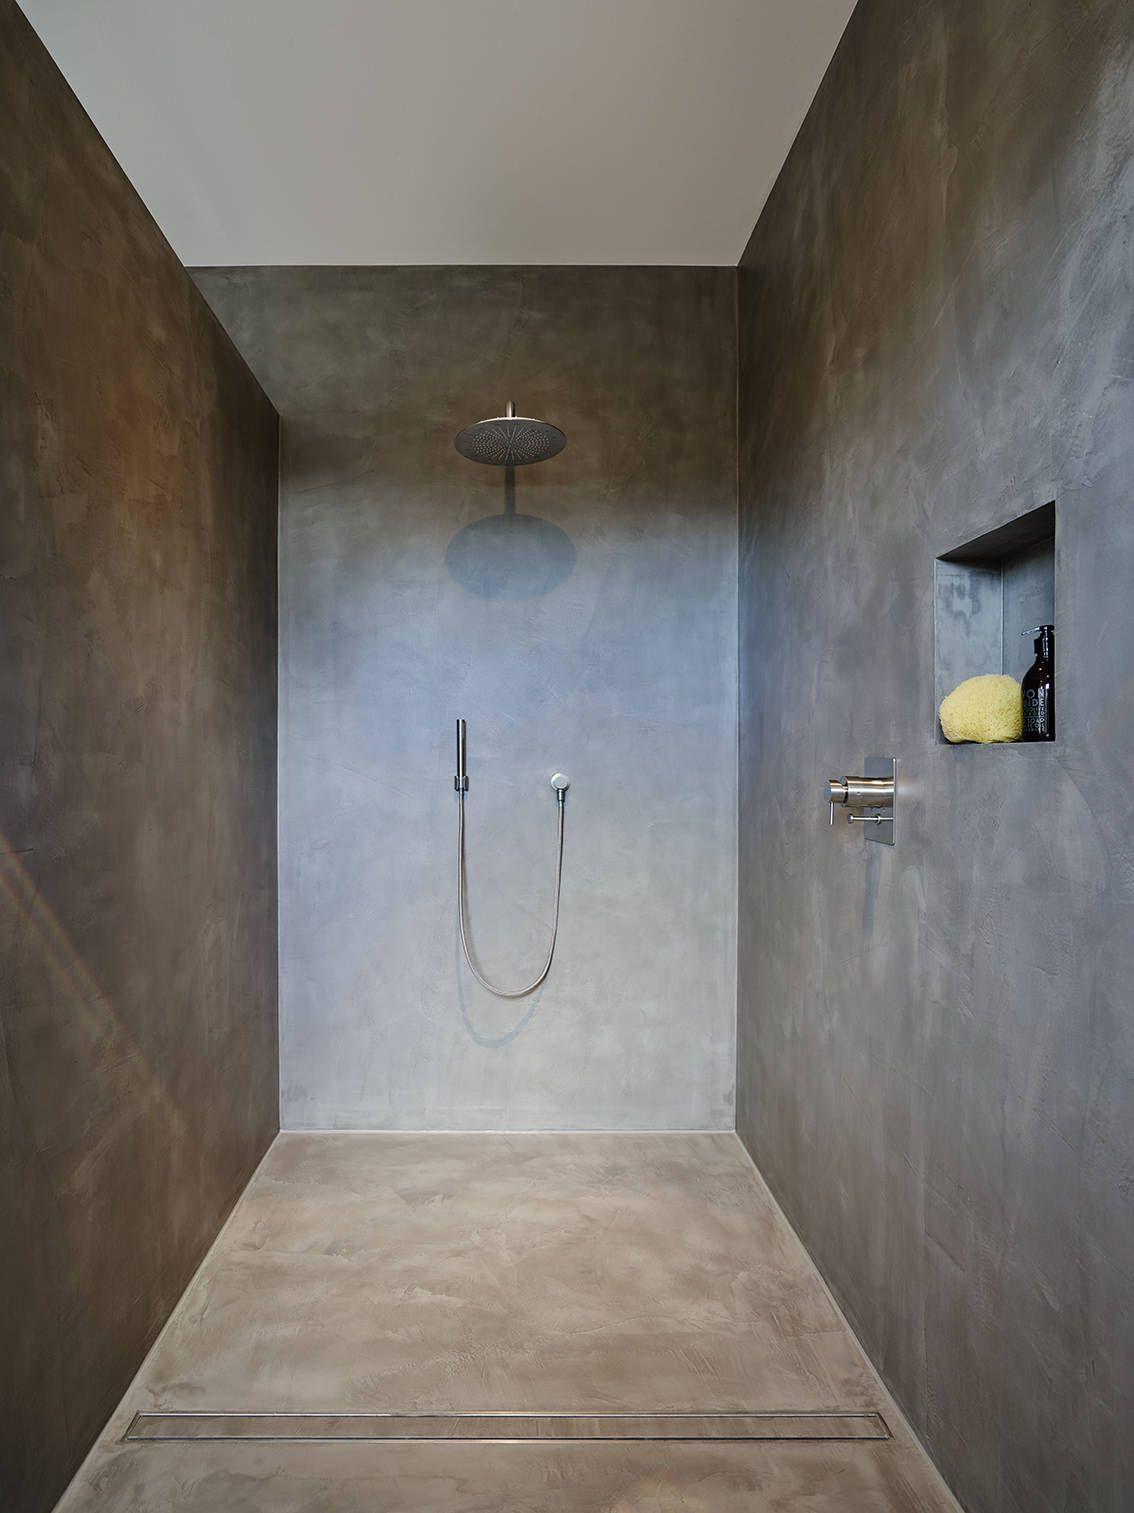 wohnideen interior design einrichtungsideen bilder badezimmer b der und badideen. Black Bedroom Furniture Sets. Home Design Ideas